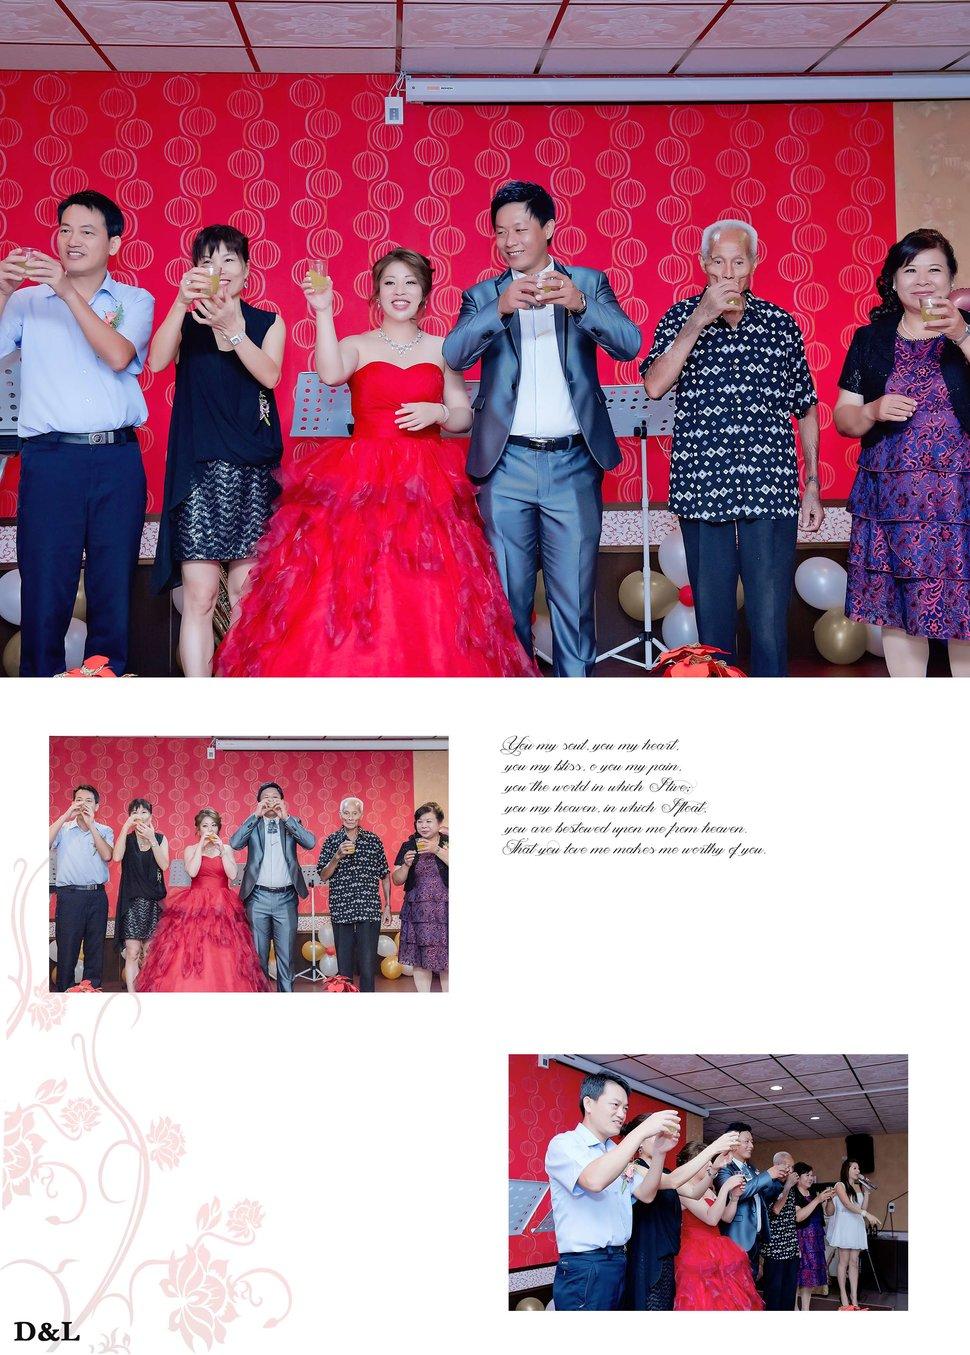 婚禮紀錄-敬添&綉芬(編號:253246) - D&L 婚禮事務-婚紗攝影/婚禮記錄 - 結婚吧一站式婚禮服務平台